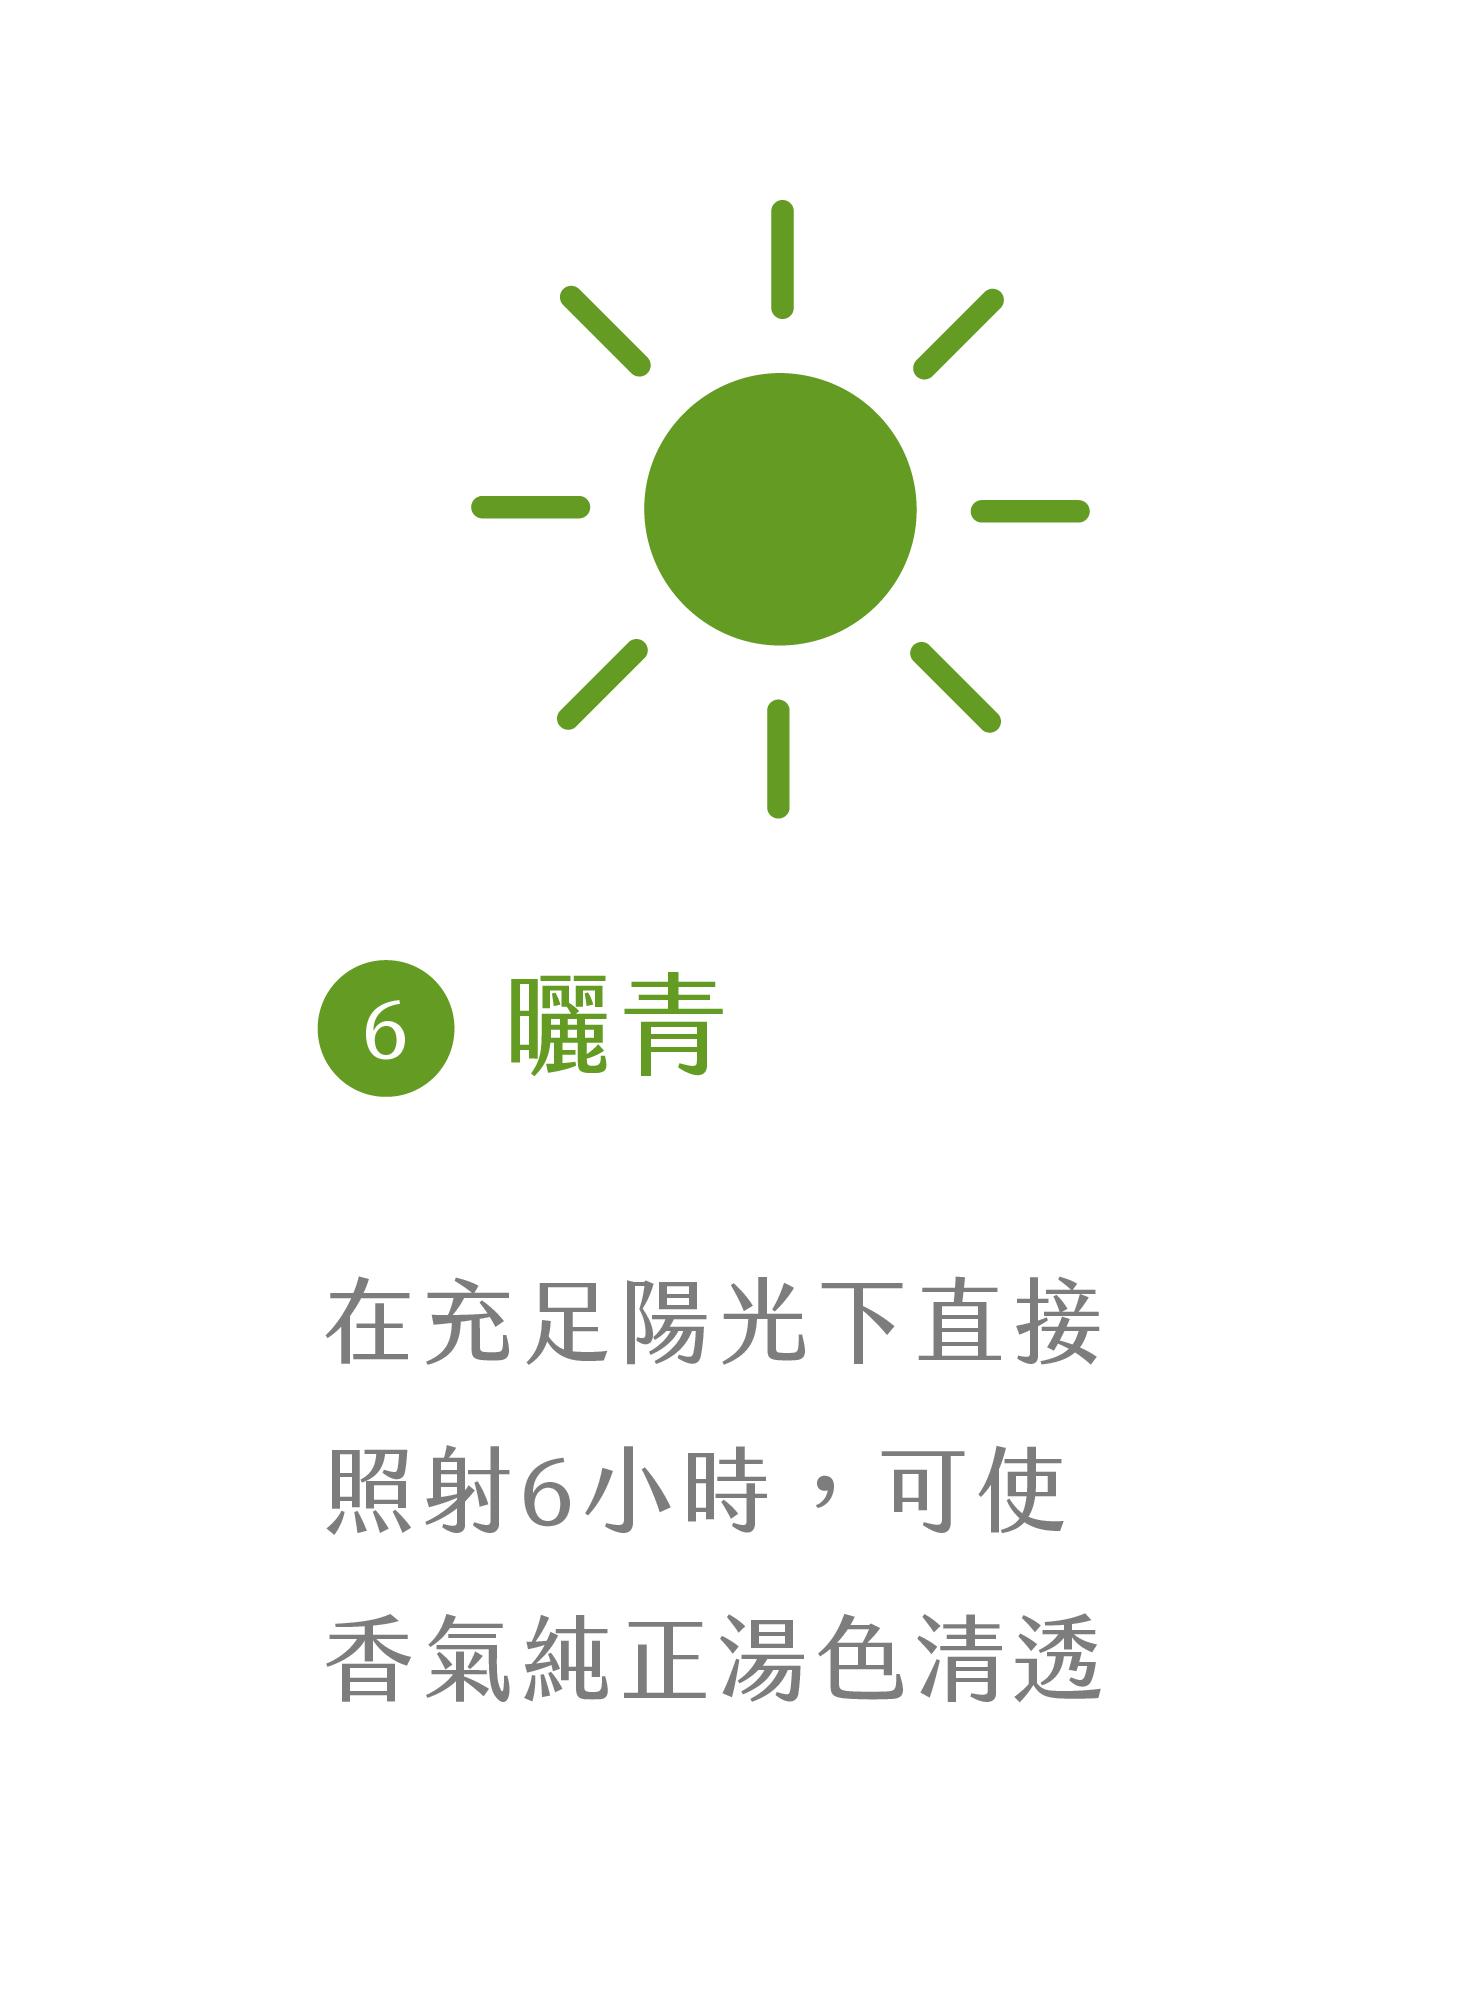 晁鎮茶苑古樹茶雨林製作流程曬青